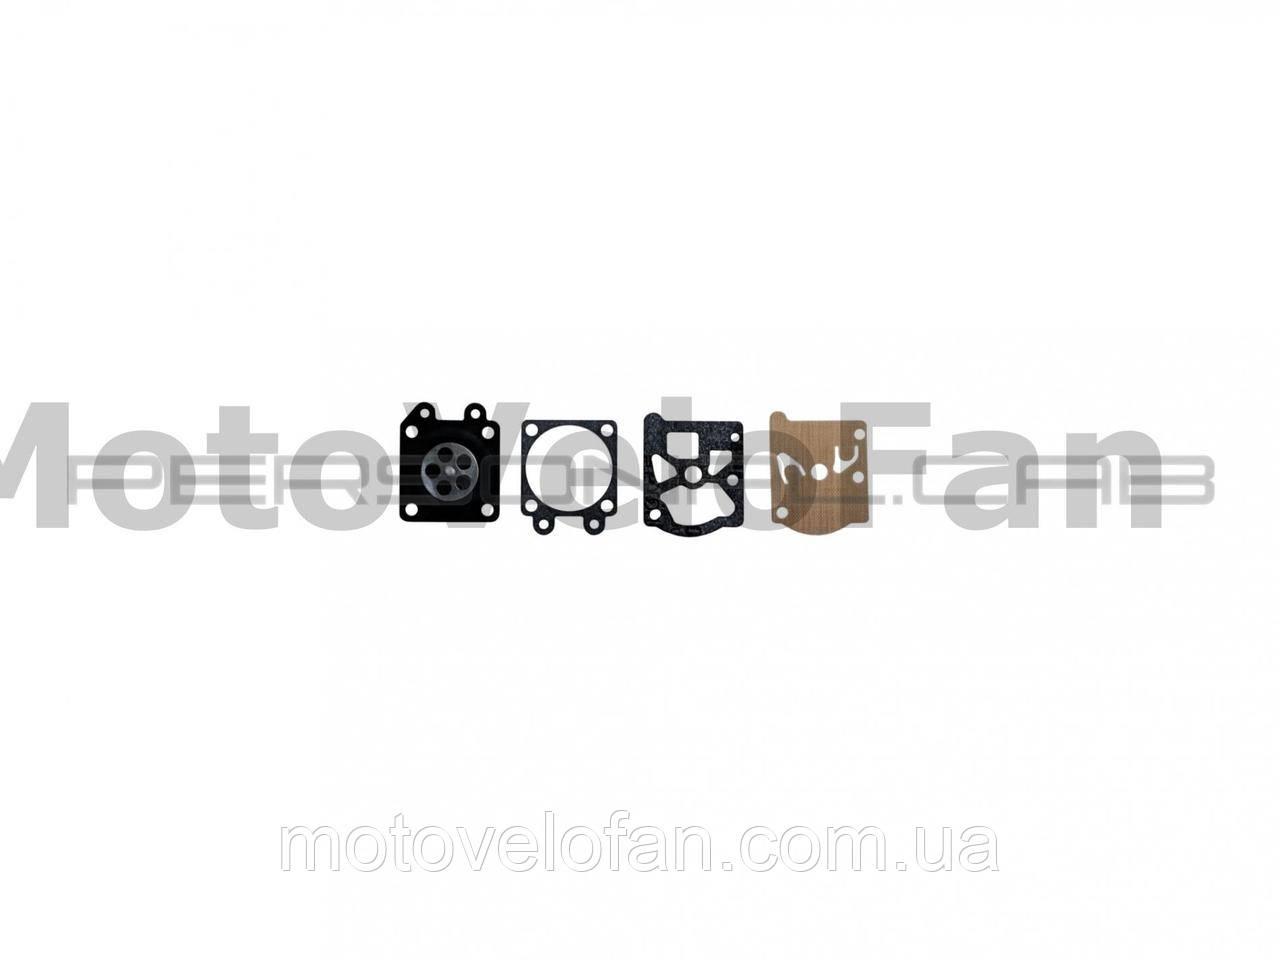 Ремкомплект карбюратора б/п   для Goodluck GL4500/5200   EVO